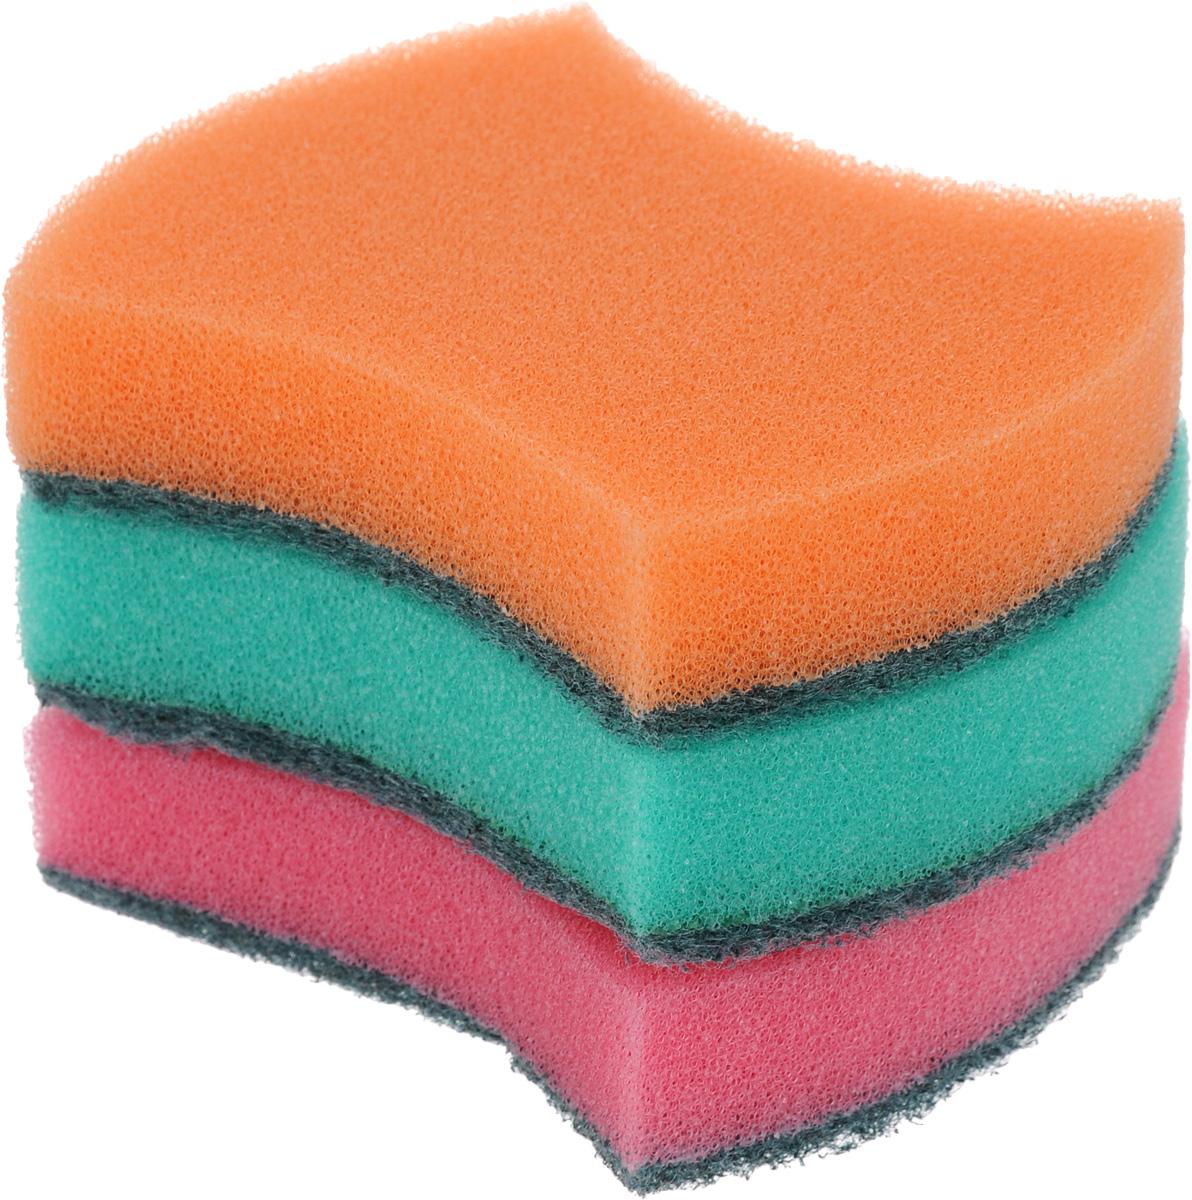 Губка универсальная Фэйт Модерн, 3 шт1.4.01.008Универсальная губка Фэйт Модерн, изготовленная из особо прочного поролона и абразива, прекрасно впитывает влагу, не оставляет ворсинок и разводов, быстро сохнет. Предназначена для мытья любых поверхностей. Размер губки: 9 х 7 х 2,5 см. Комплектация: 3 шт.